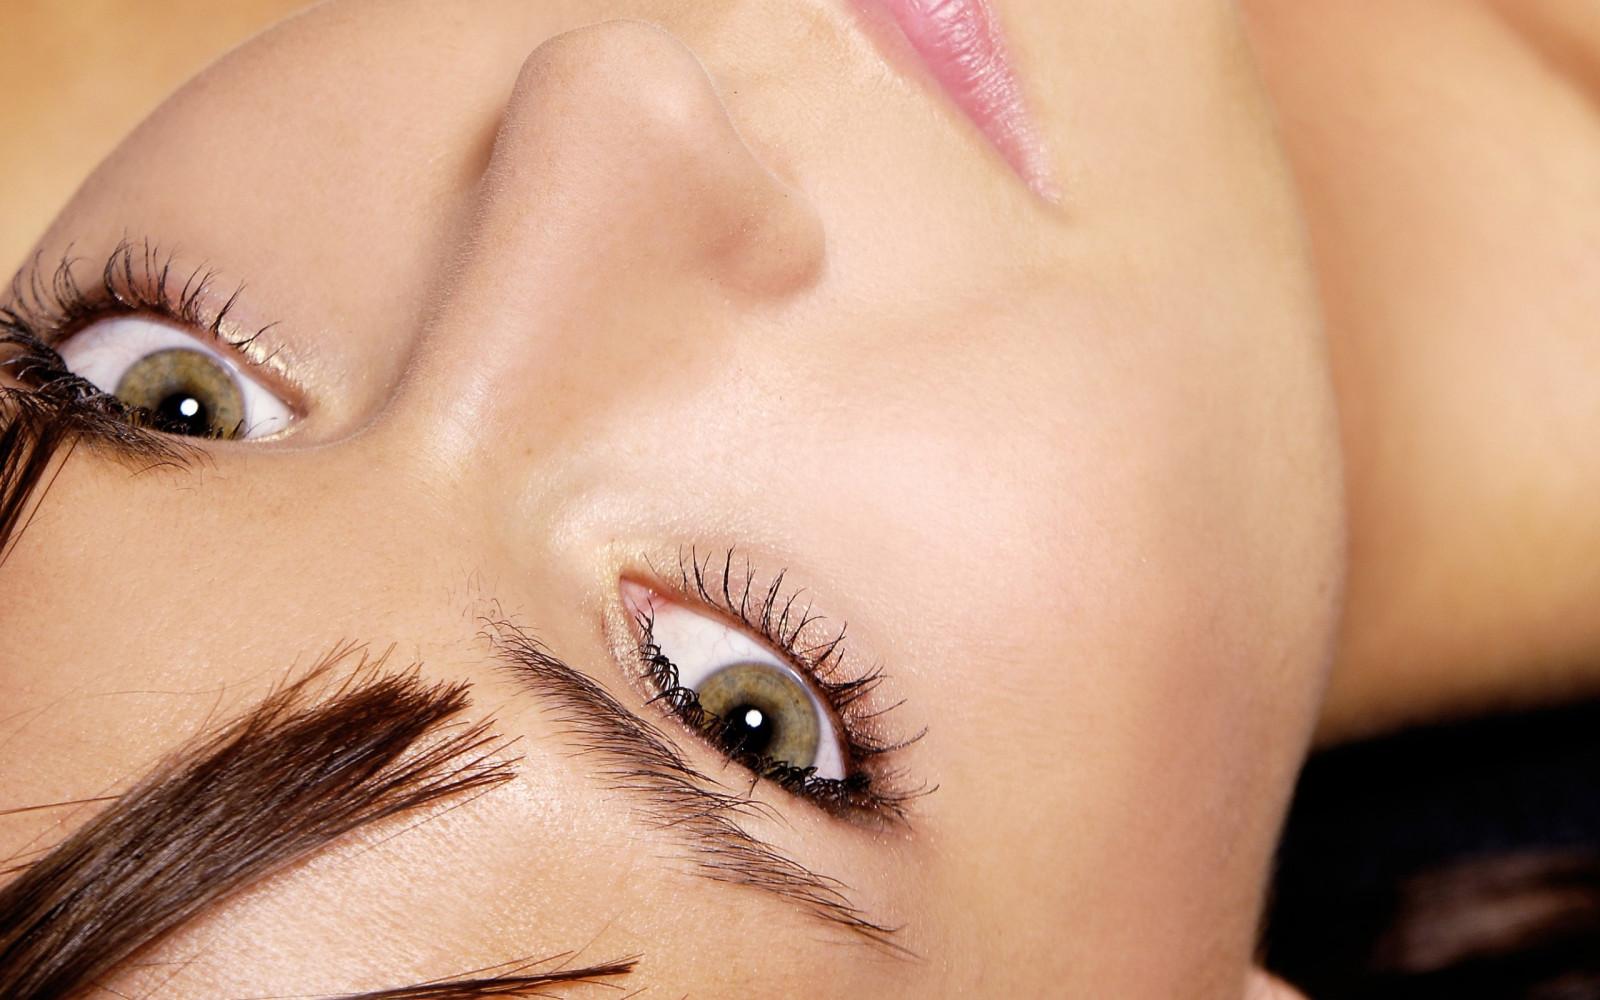 Междуреченска открытка, картинки женские глаза крупным